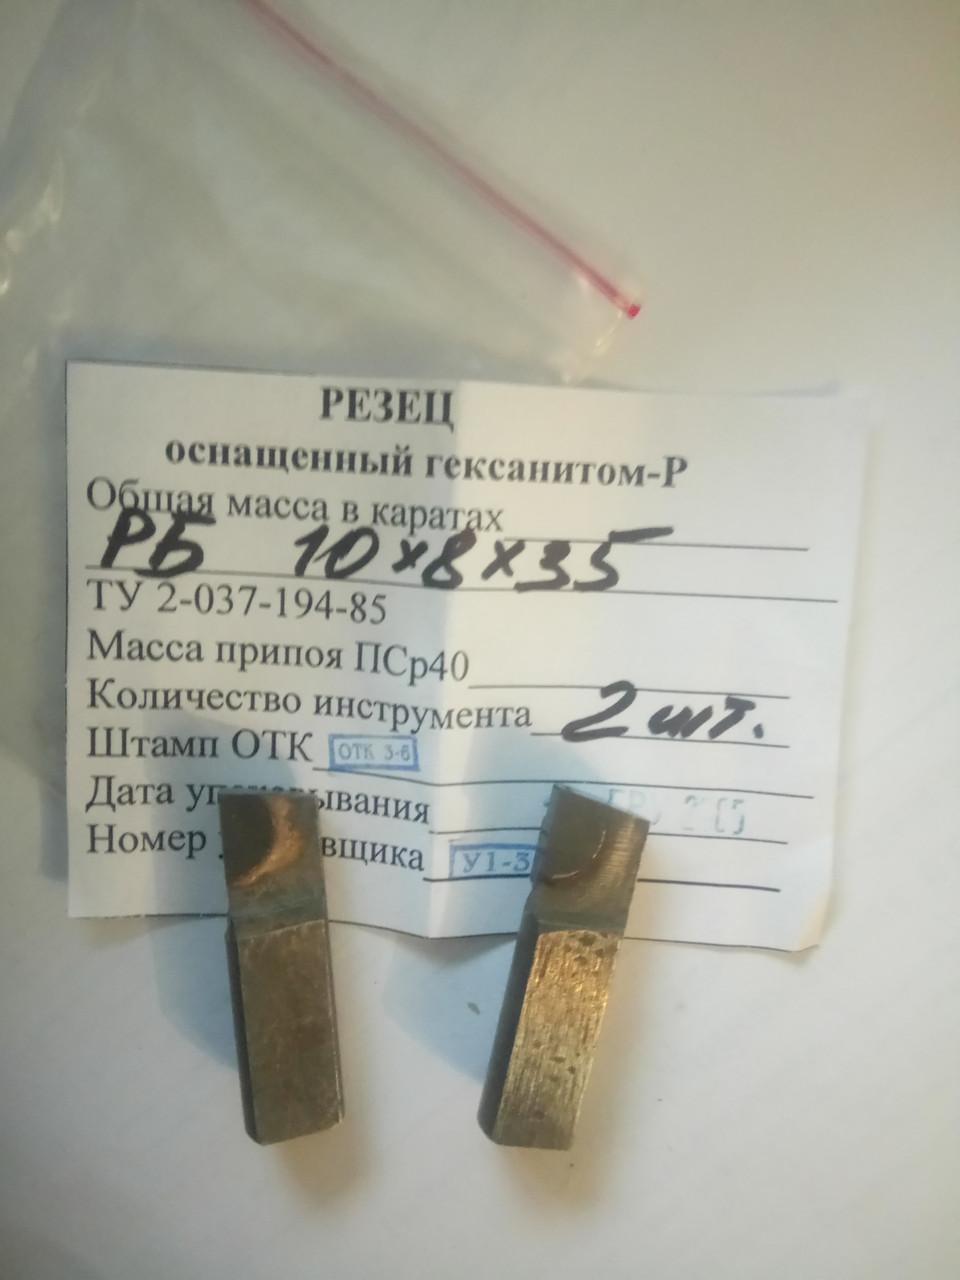 Резец расточной цельный для борштанги 10х 8х35 оснащенный гексанитом P